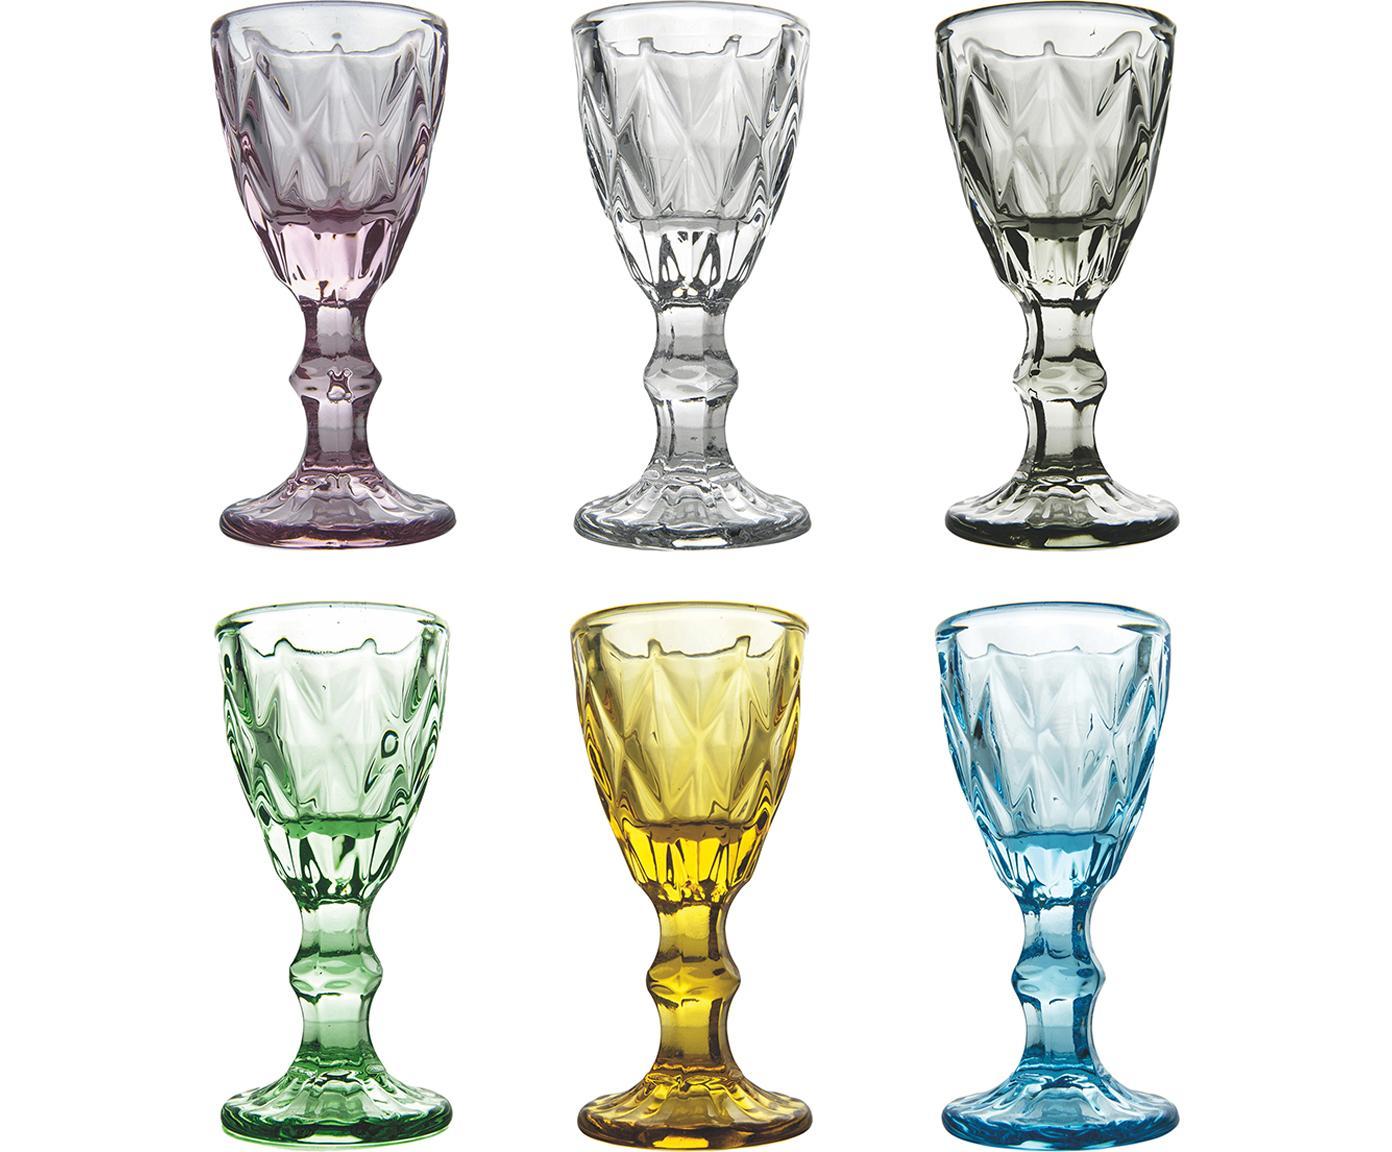 Komplet kieliszków do wódki Prisma, 6 elem., Szkło, Wielobarwny, Ø 5 x W 11 cm